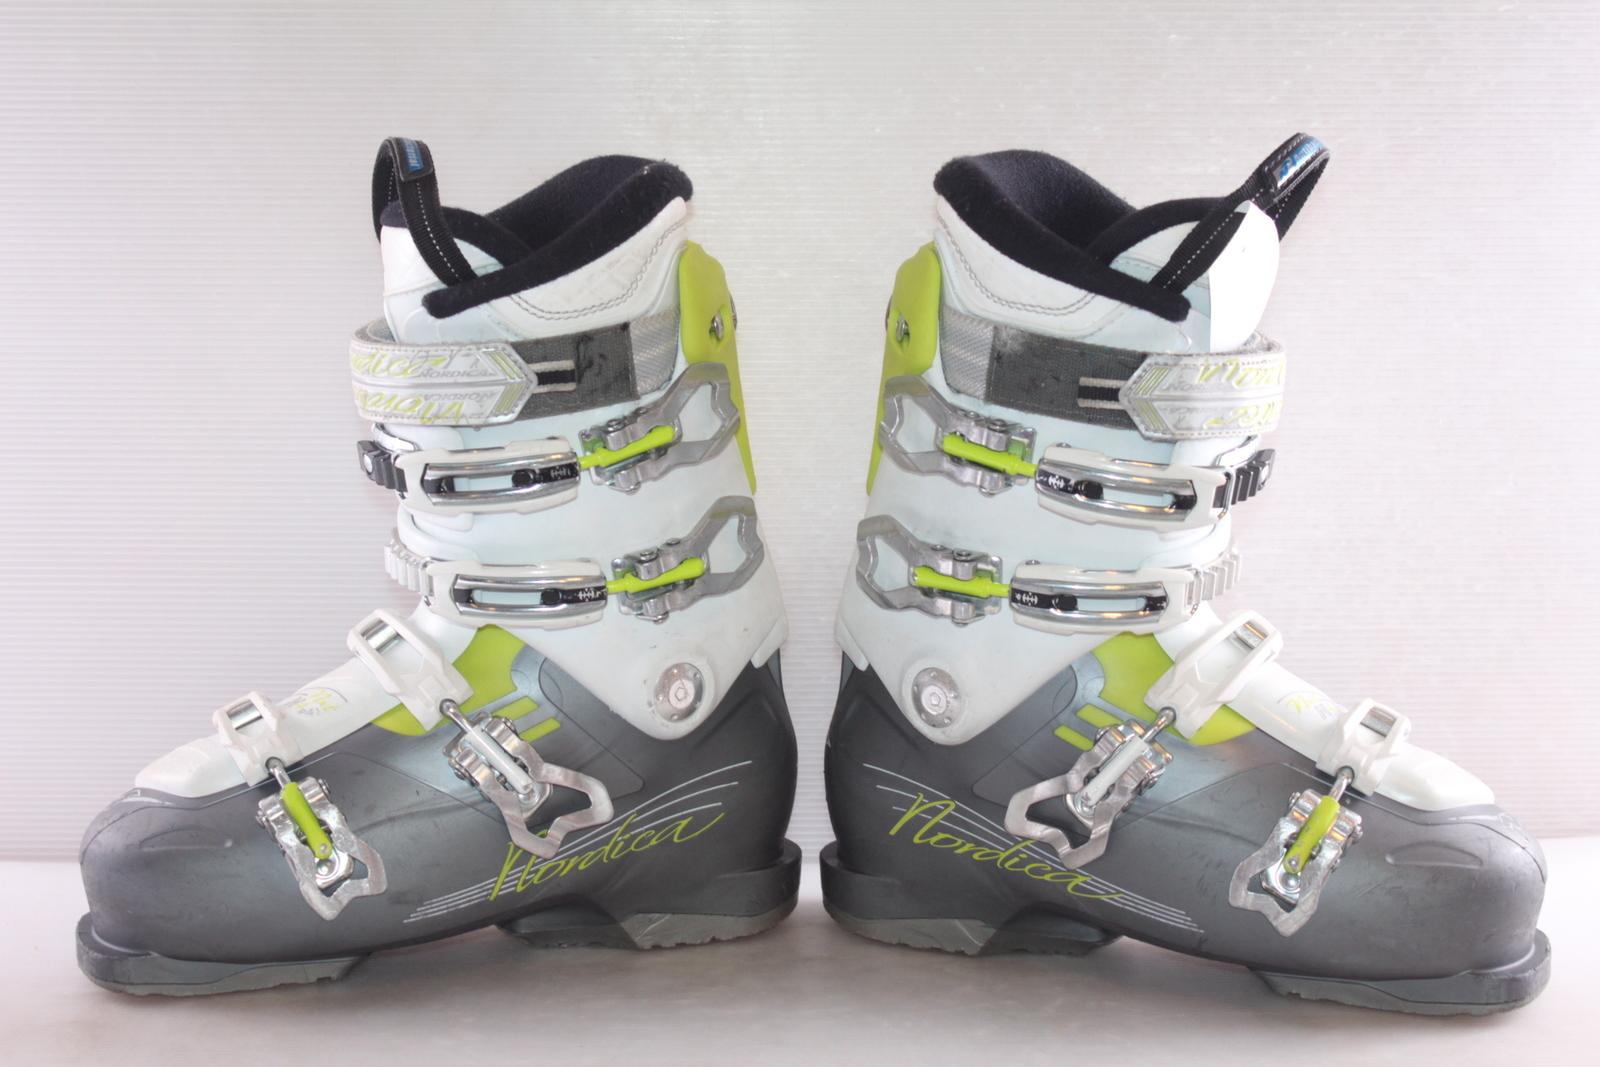 Dámské lyžáky Nordica NXT N4R W vel. EU40 flexe 80